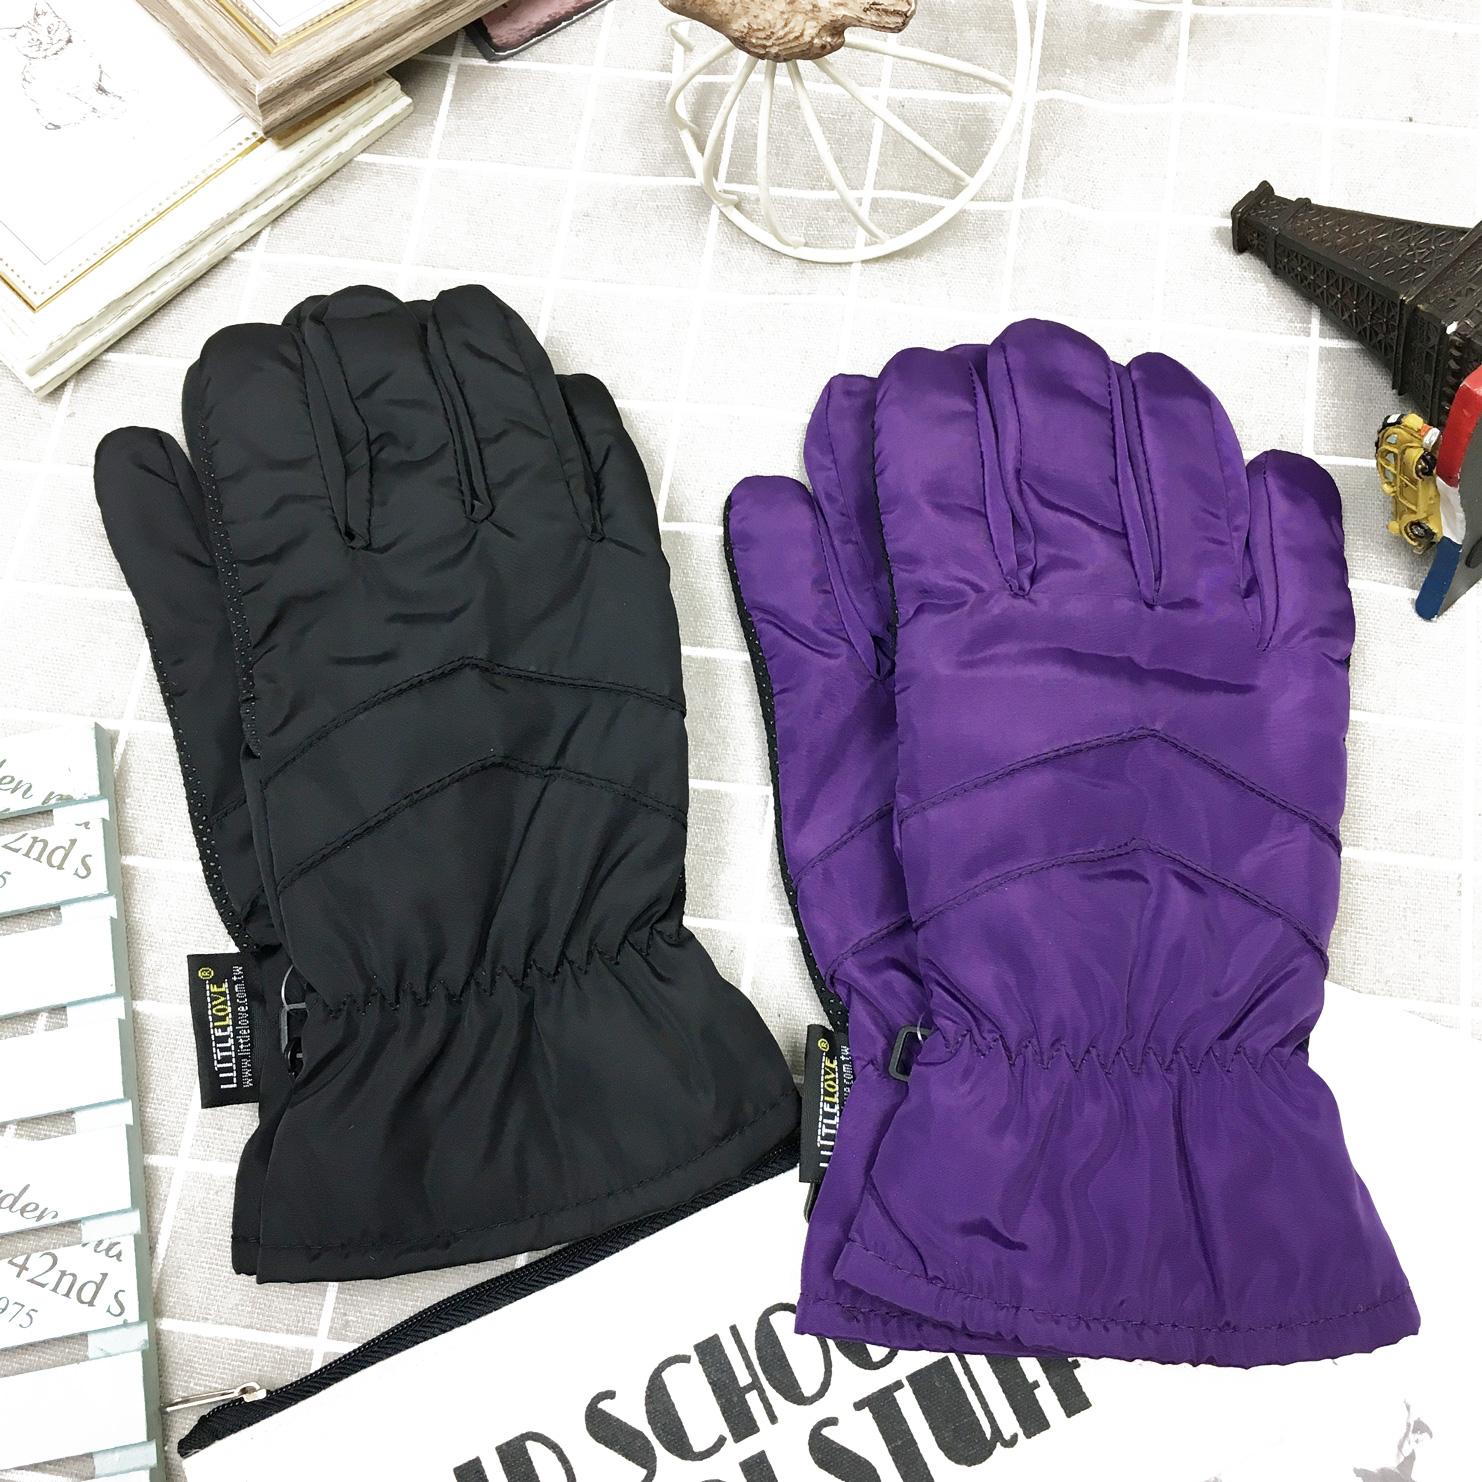 觸控手套 防風 防水 素色素面 內刷毛 保暖 防滑 2色 手套